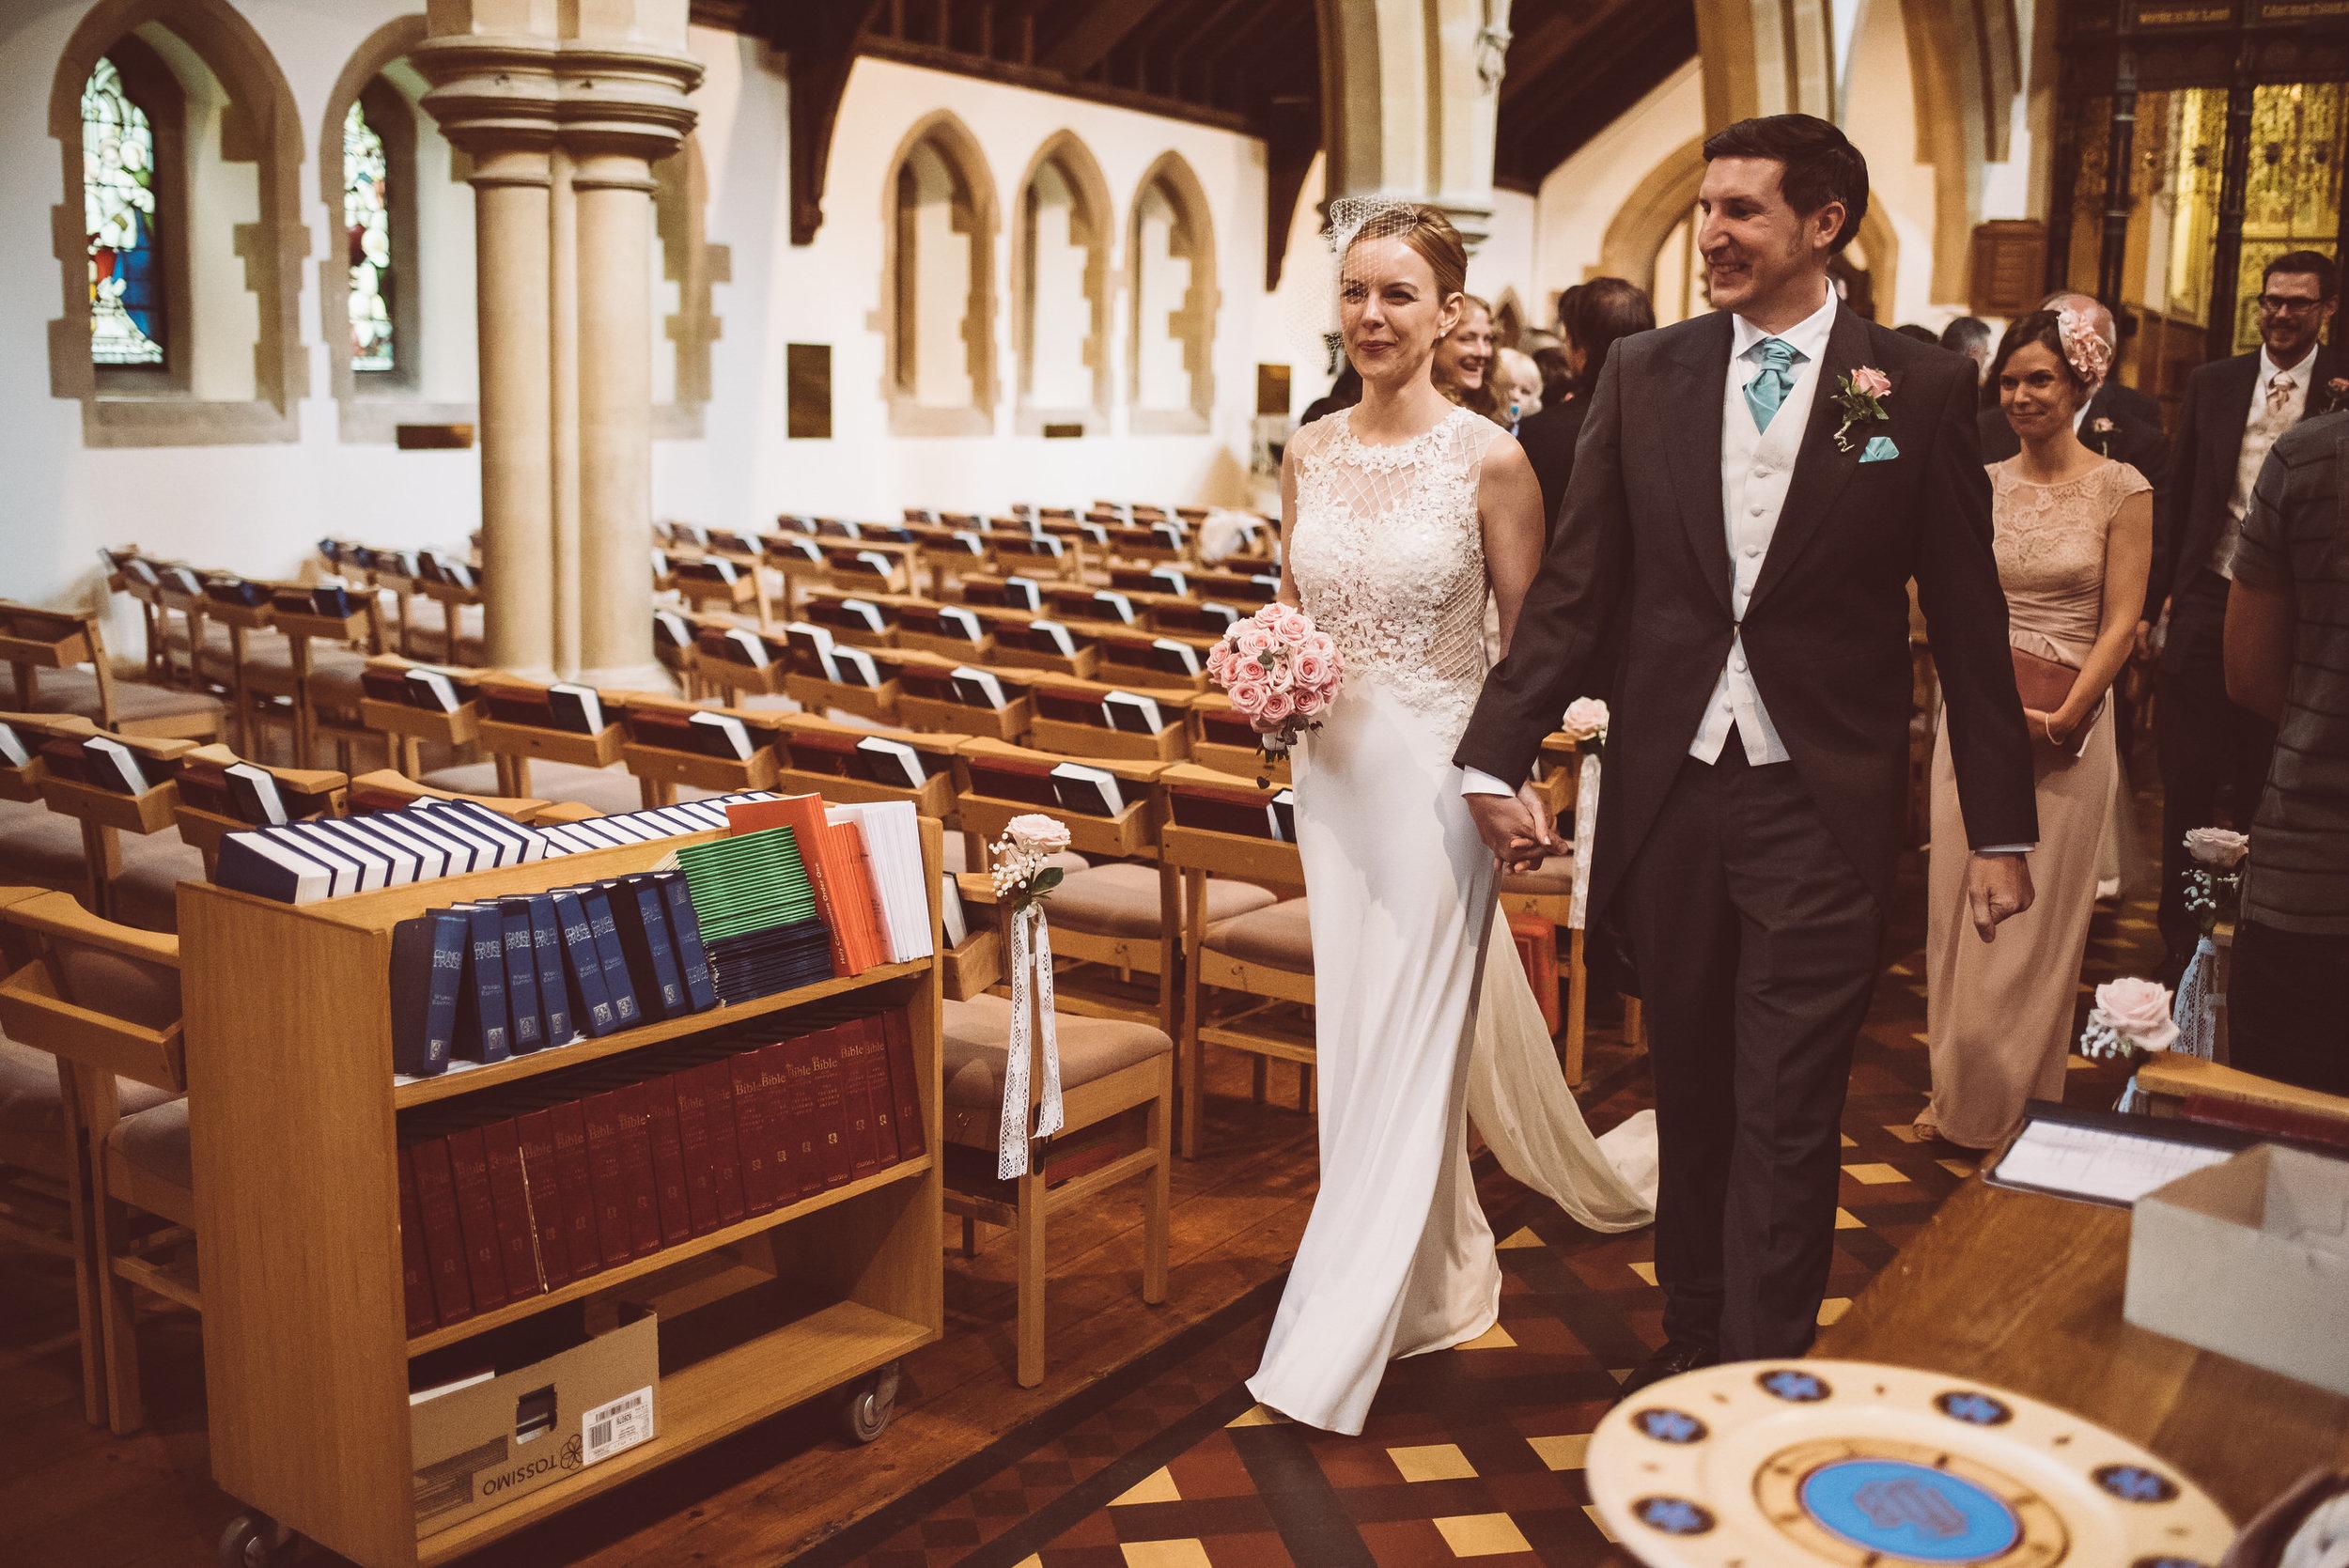 surrey-traditional-country-club-wedding-205.jpg